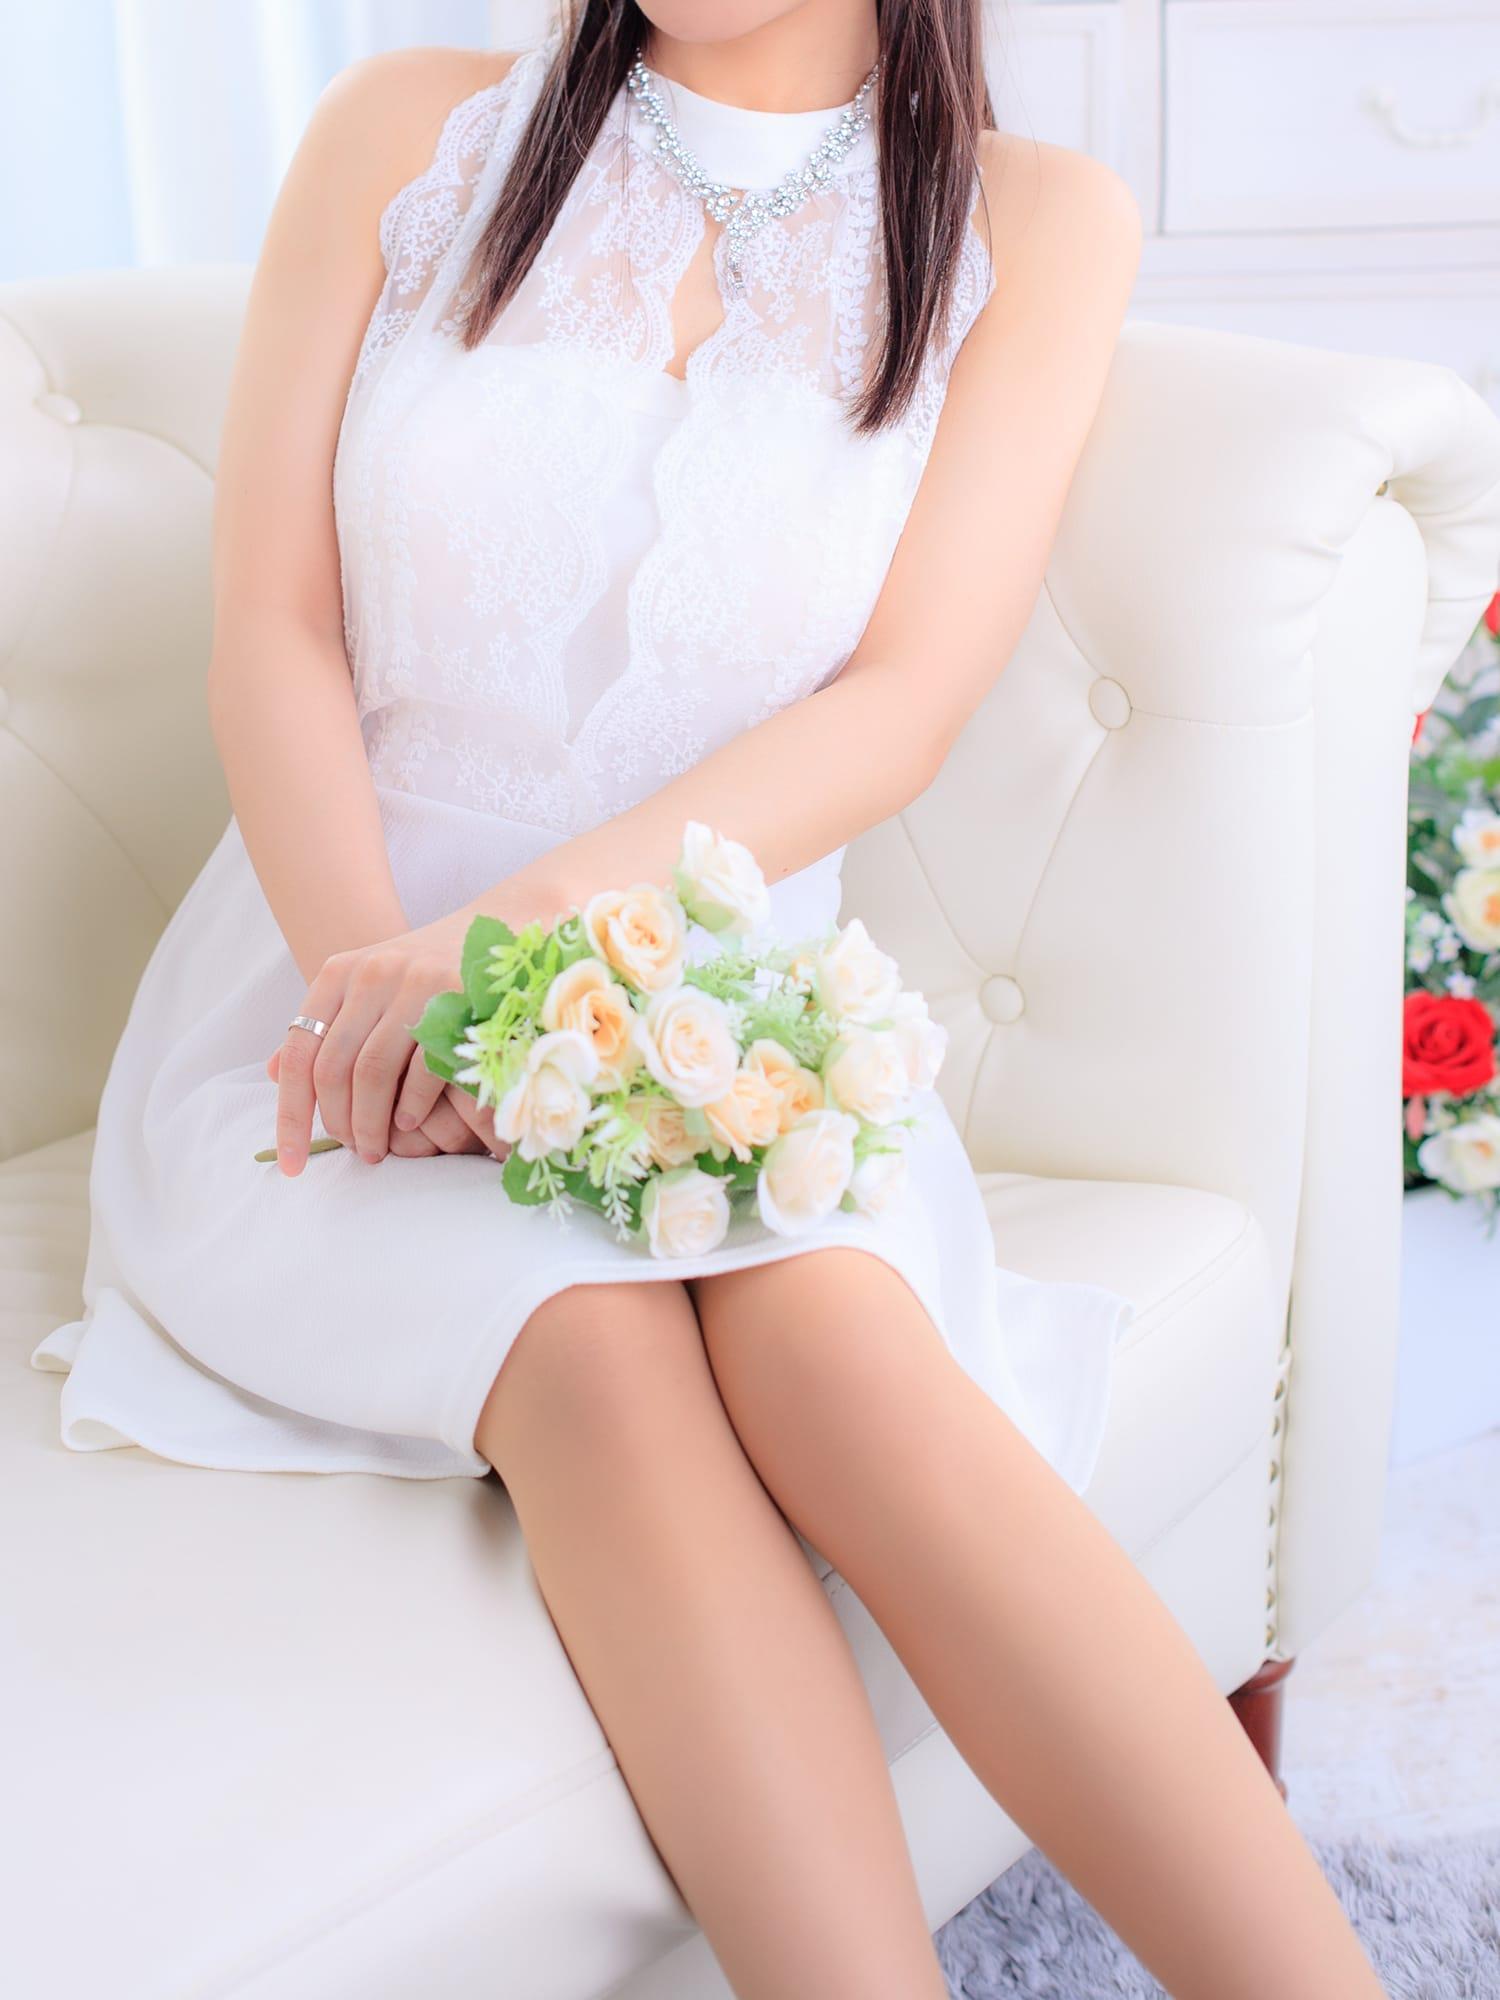 愛結(あゆ)-DIANA(DIANA RIDGE~ダイアナ・リッジ)のプロフ写真4枚目